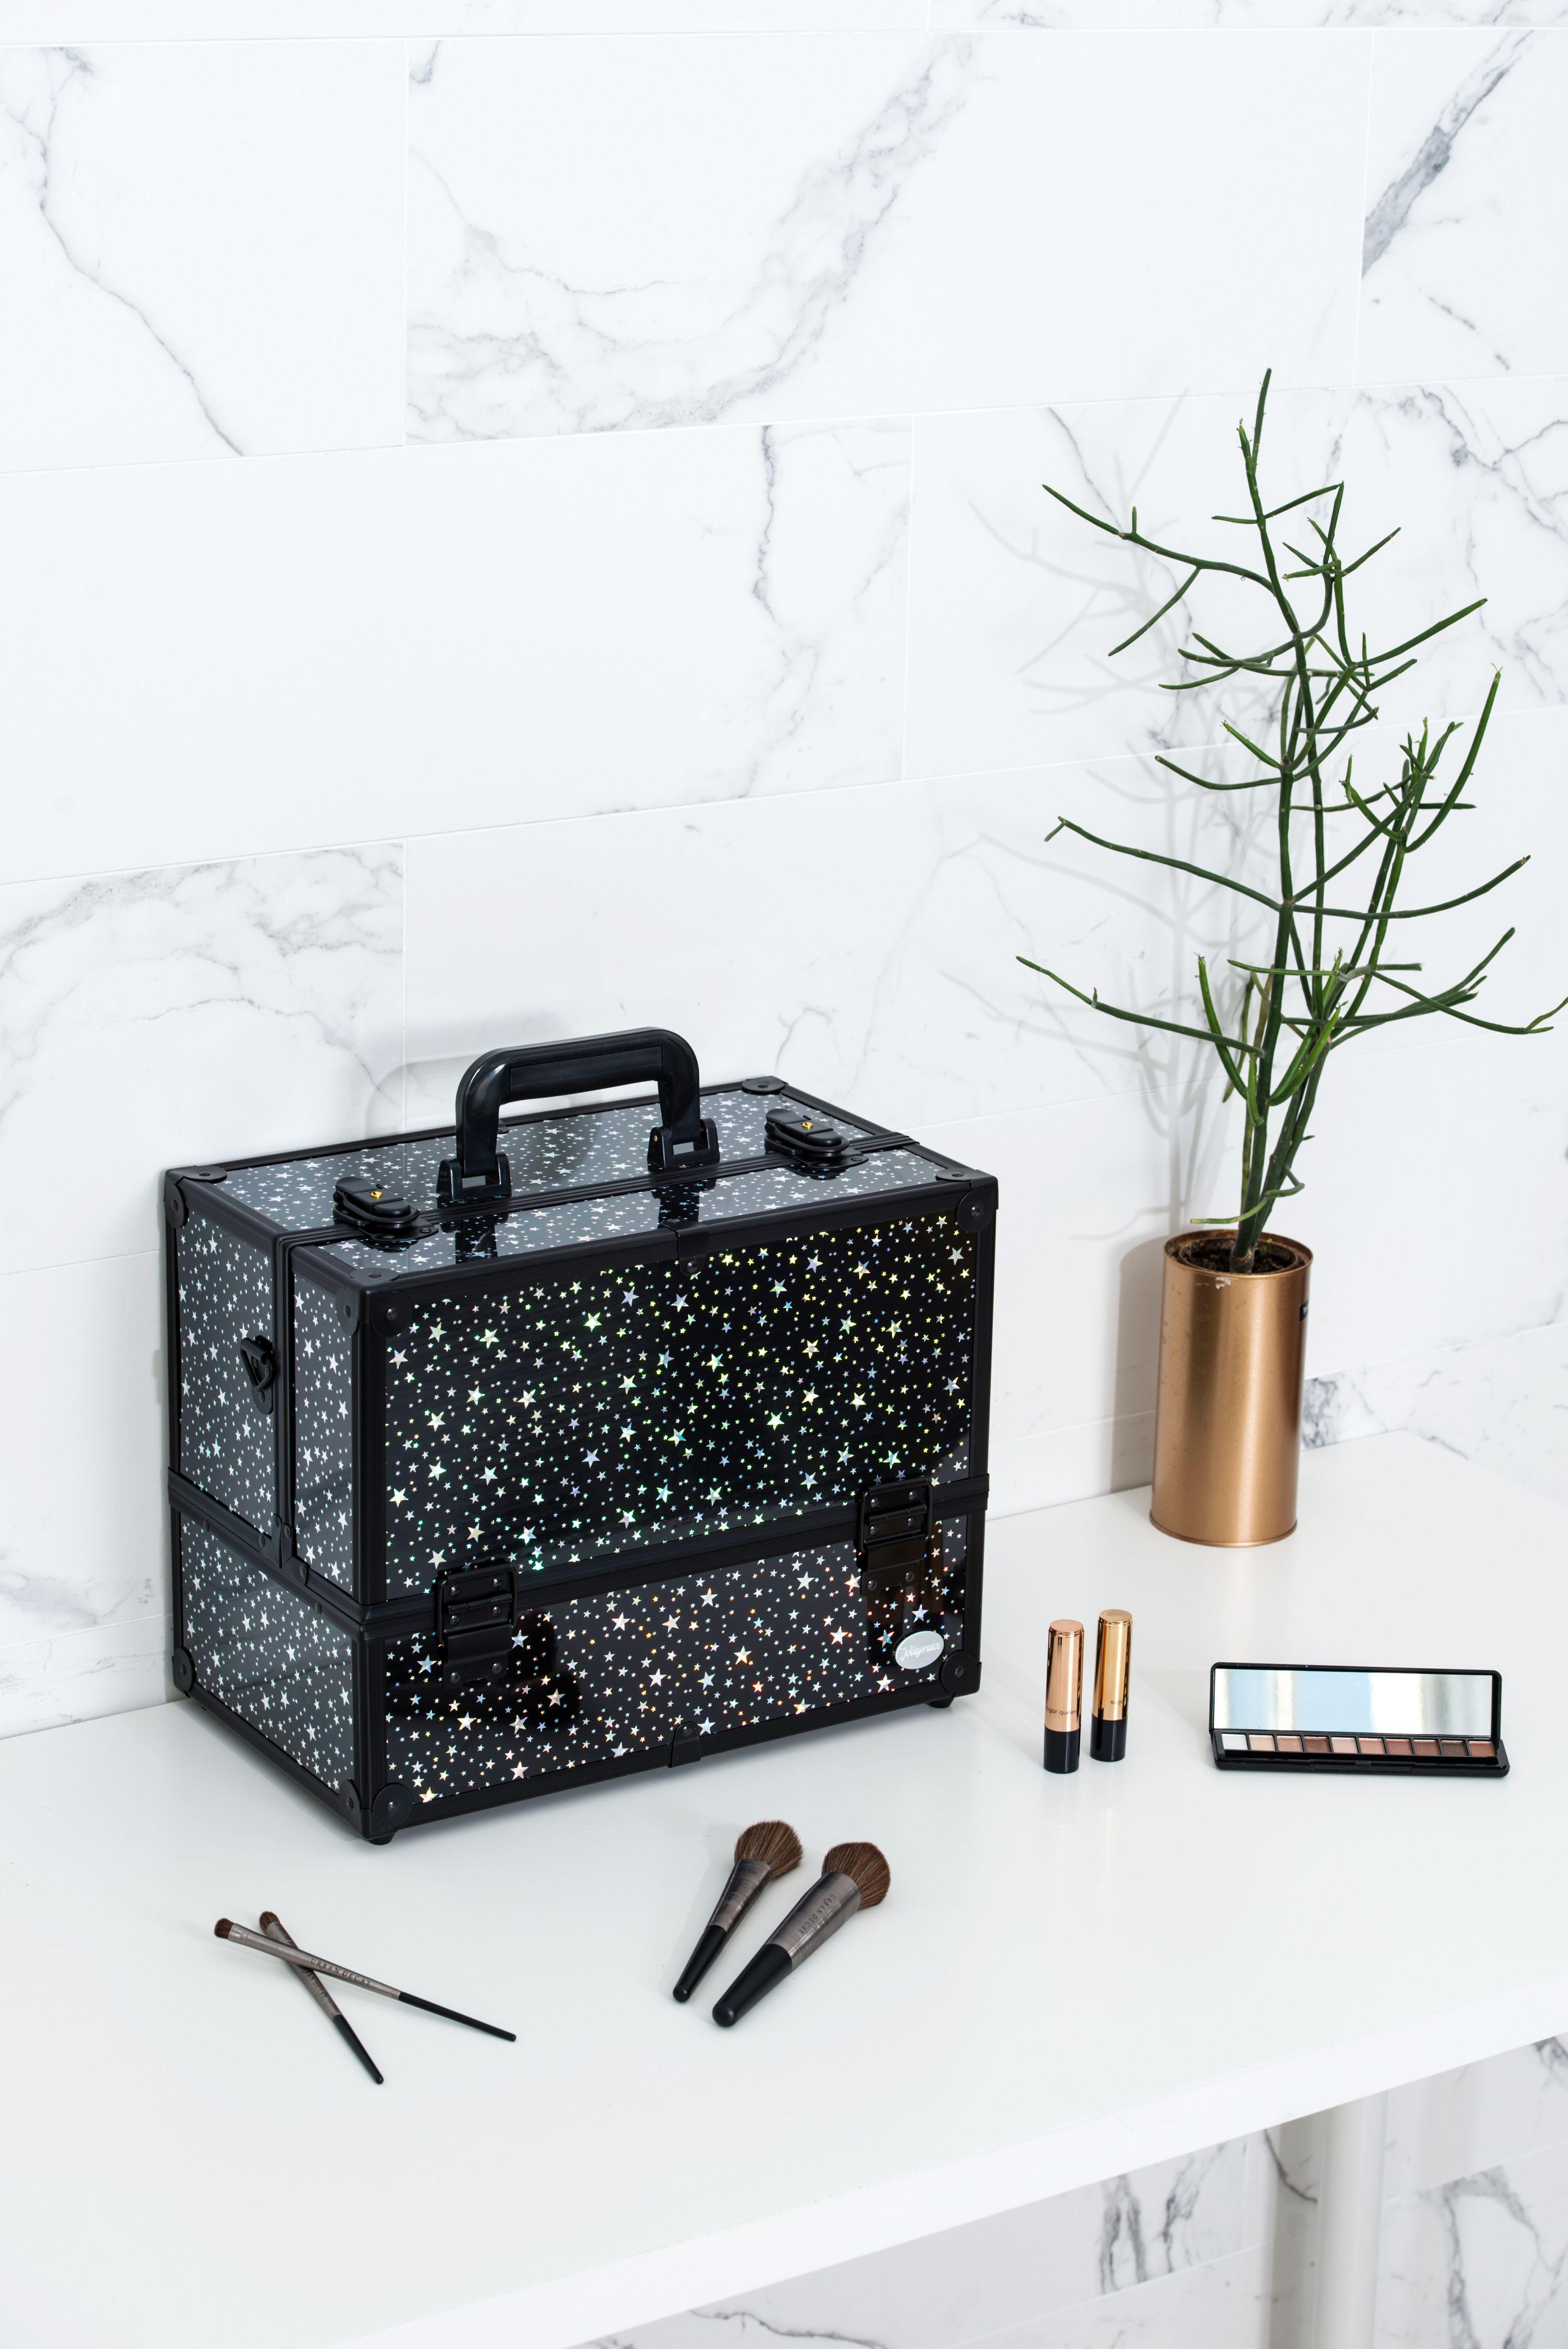 Black Star Makeup Case Cheap makeup organization, Makeup